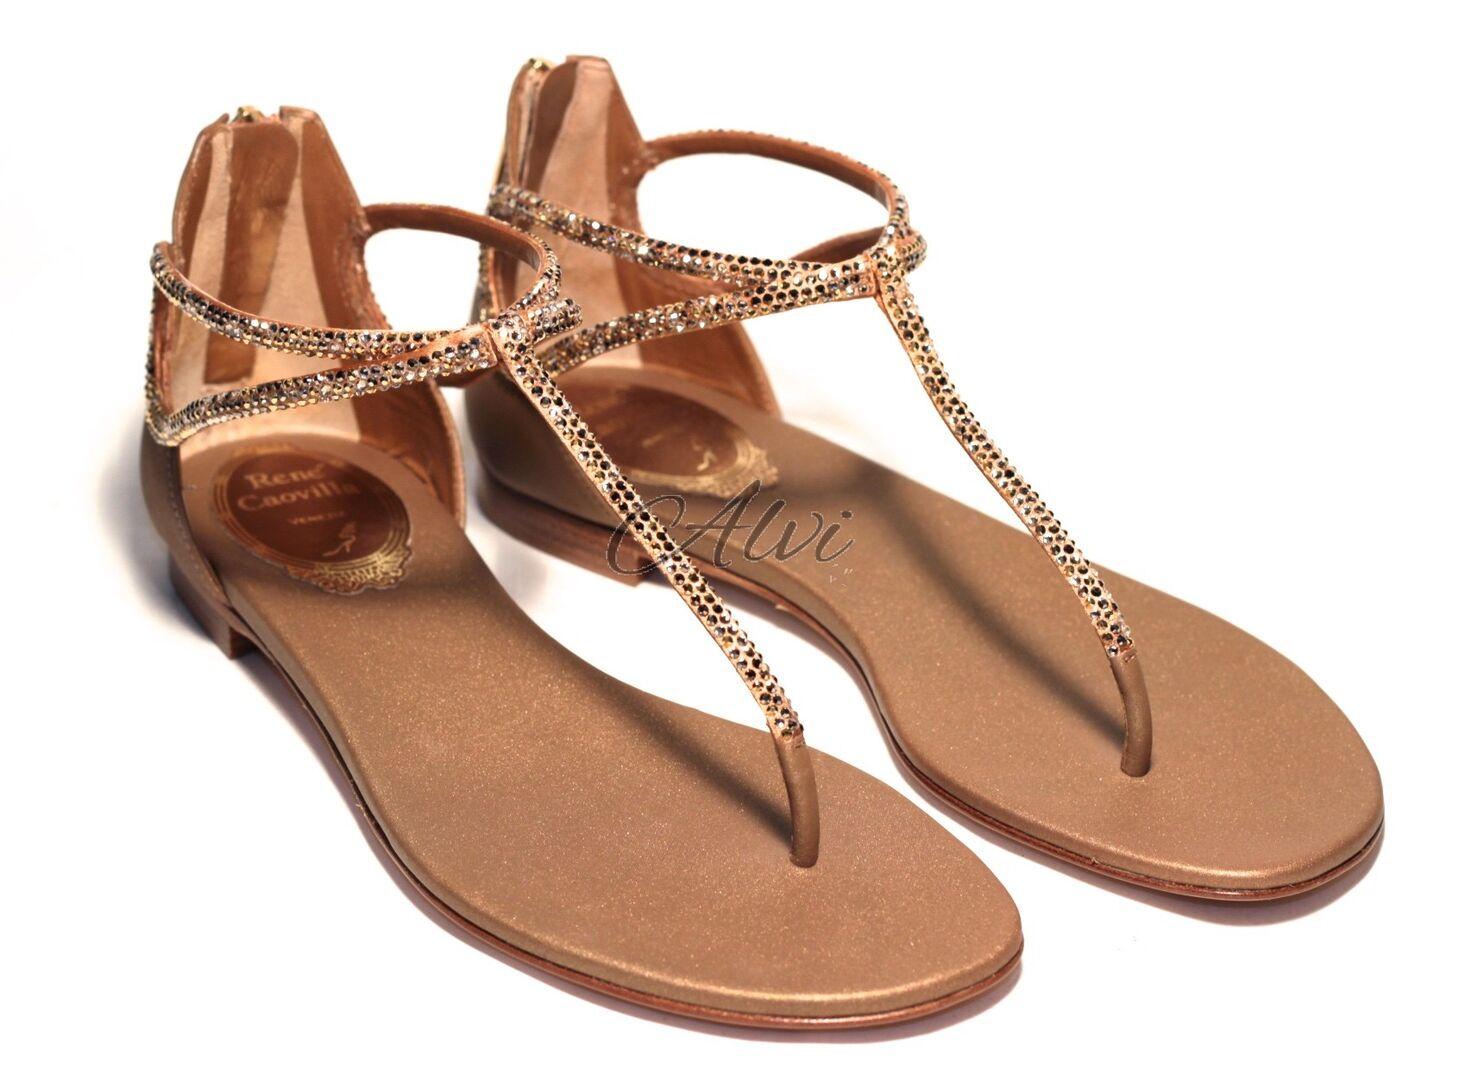 selezione migliore e4fab 30ba5 sandali infradito gioiello caovilla